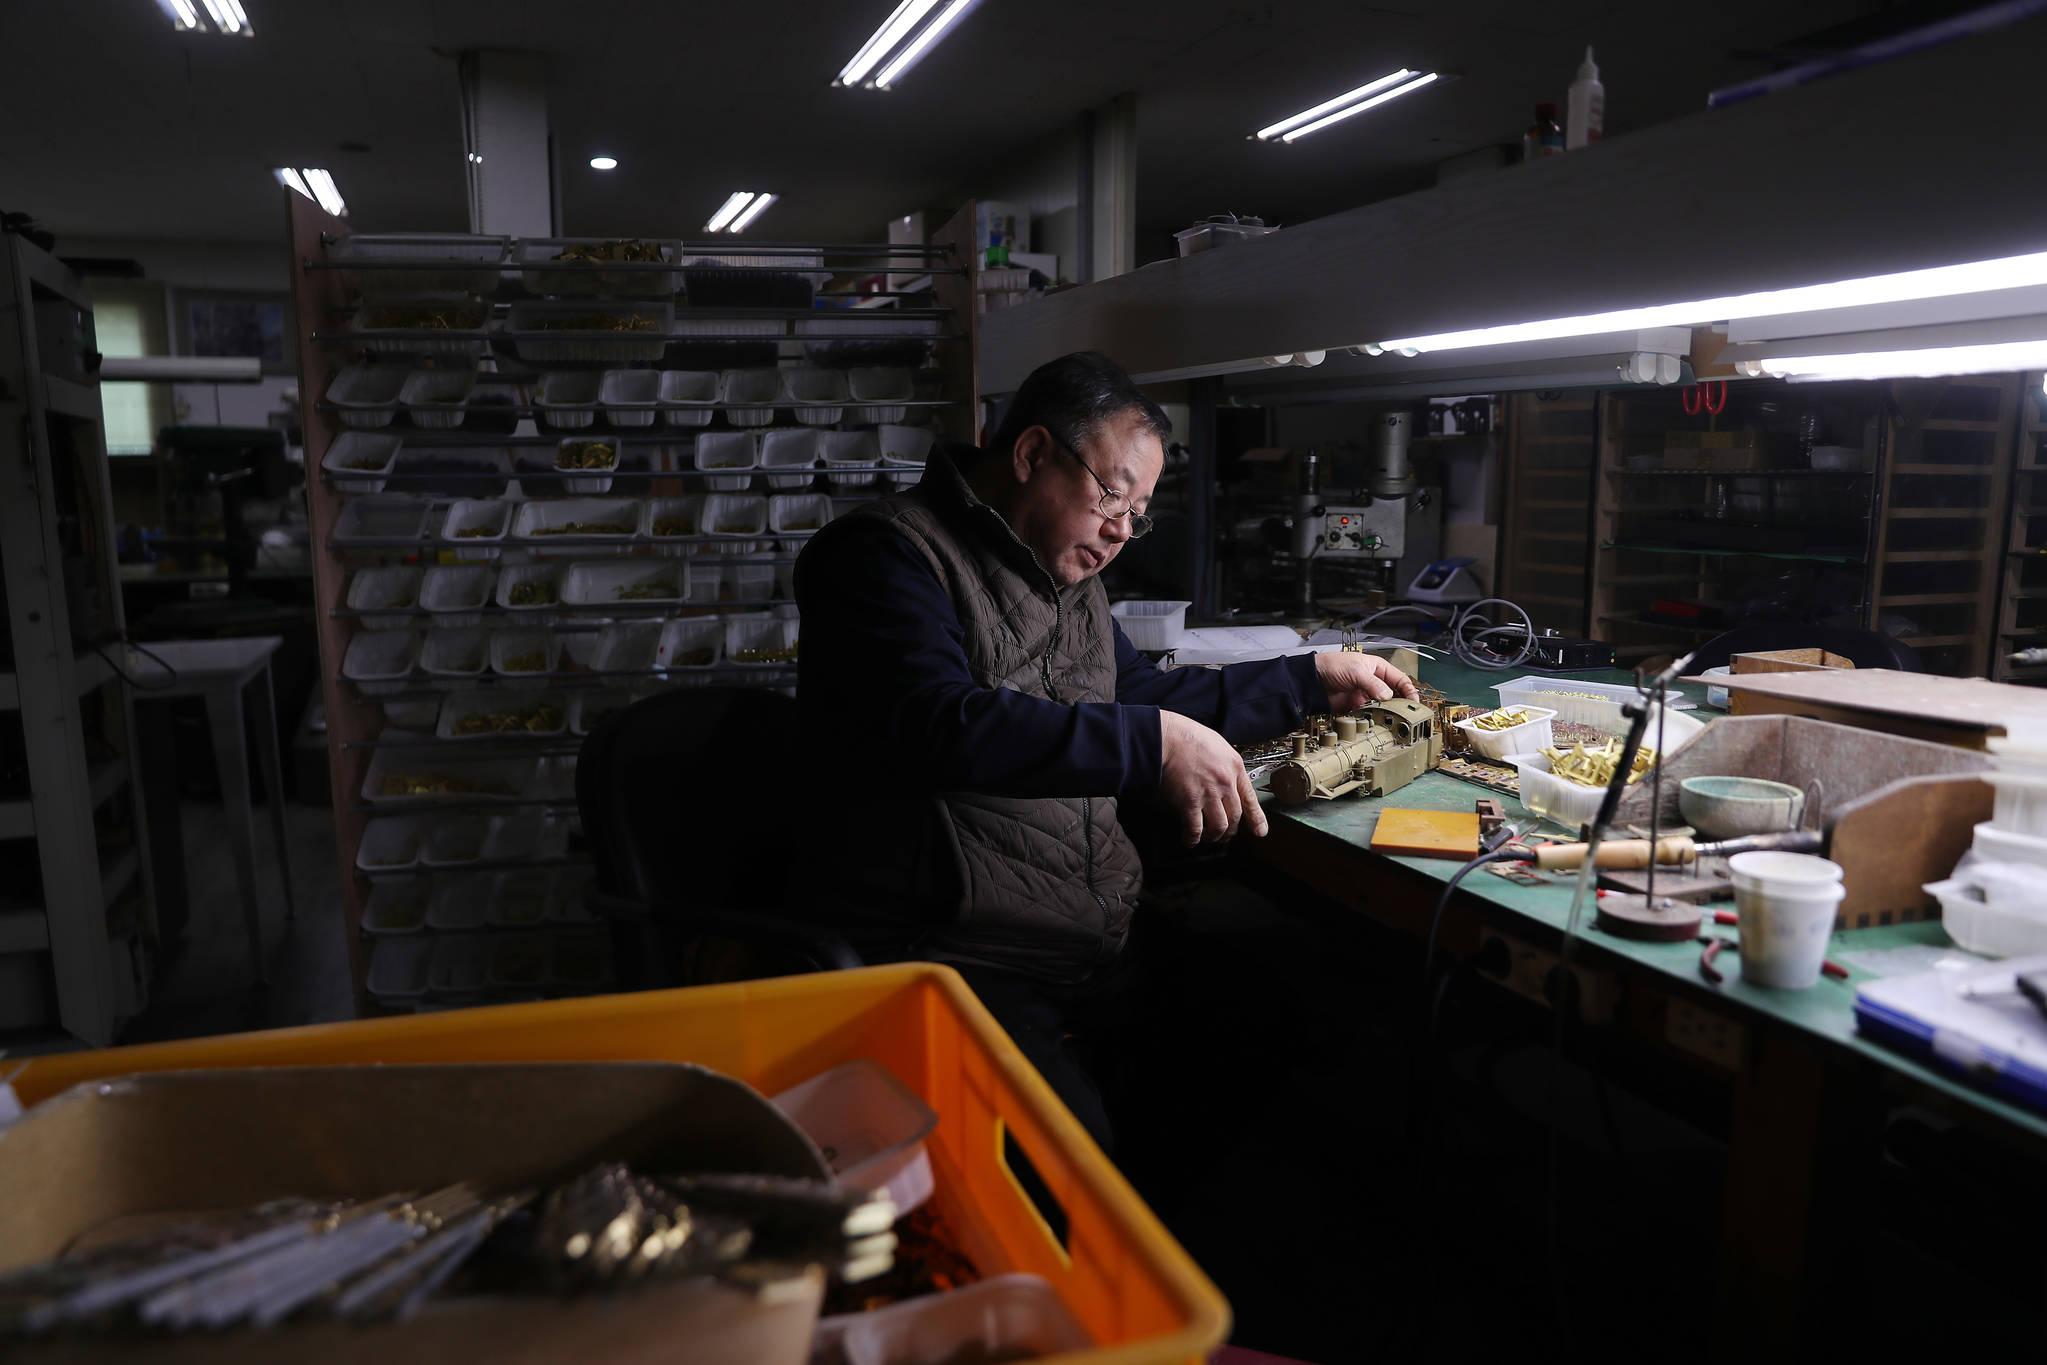 40여년간 오롯이 한 길만을 달려온 이현만씨. 청춘의 시간이 지나가고, 그의 머리에도 흰머리가 자리했다. 우상조 기자